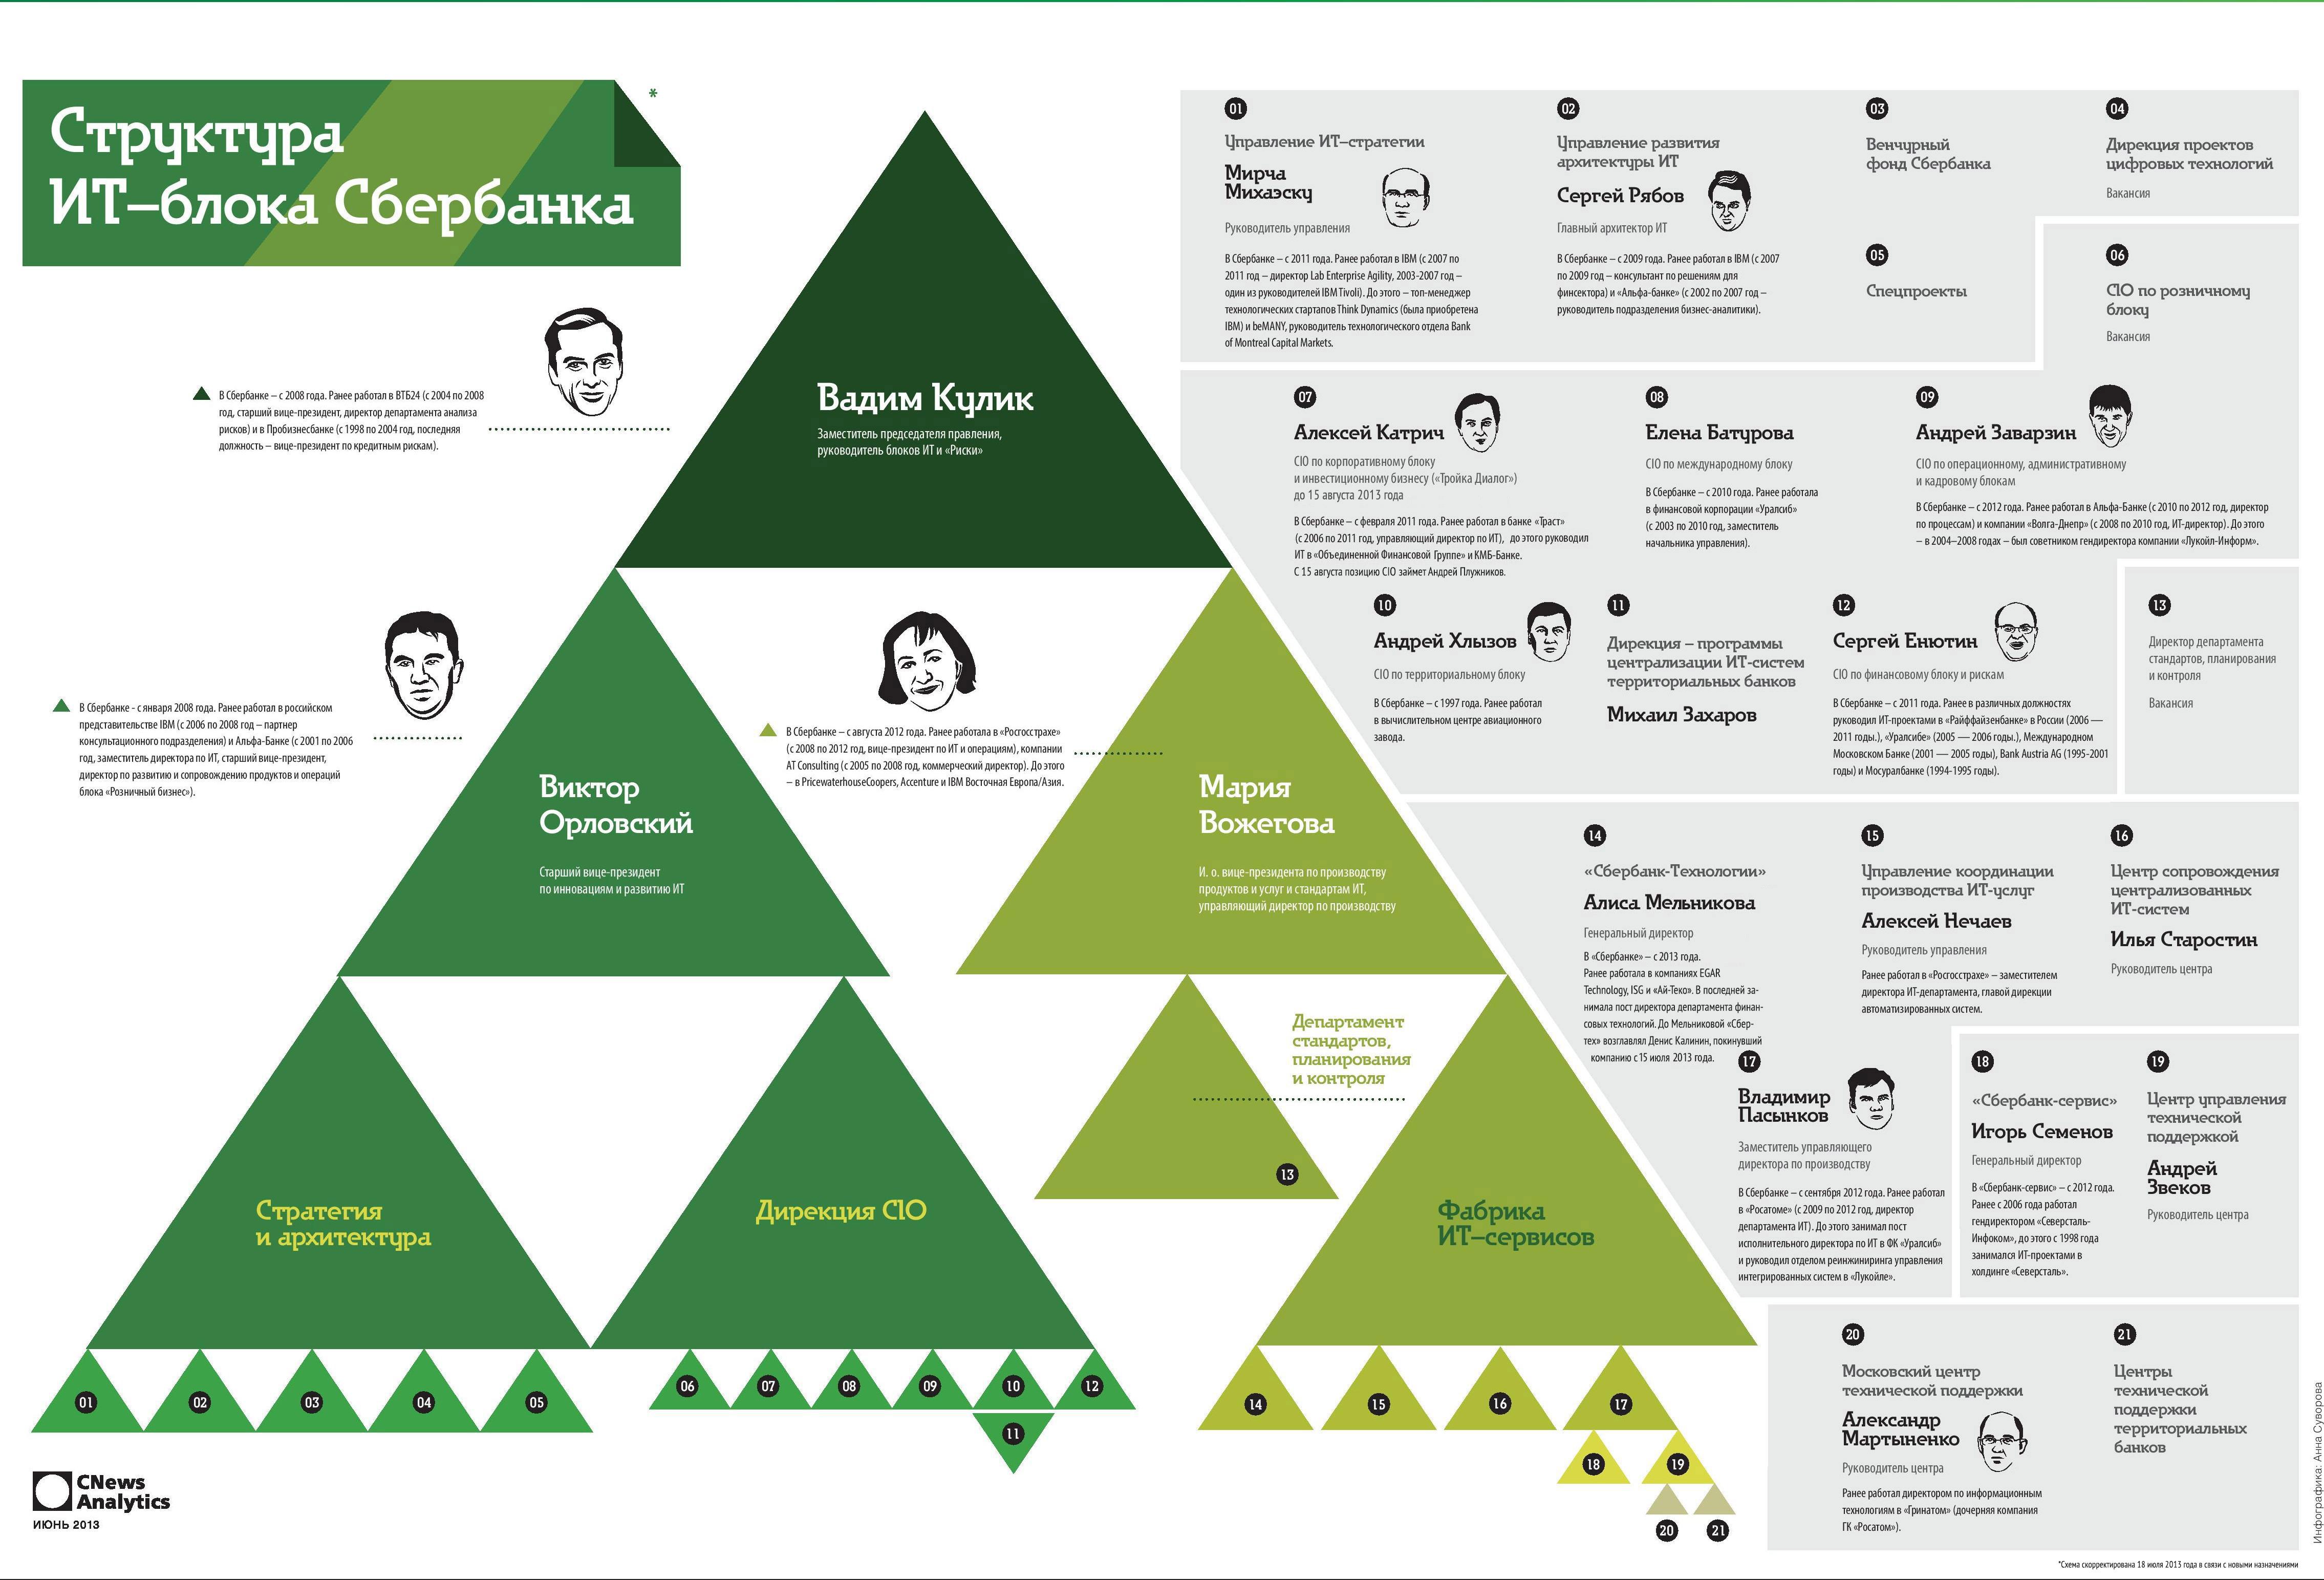 Организационная структура пао сбербанк 2018 схема